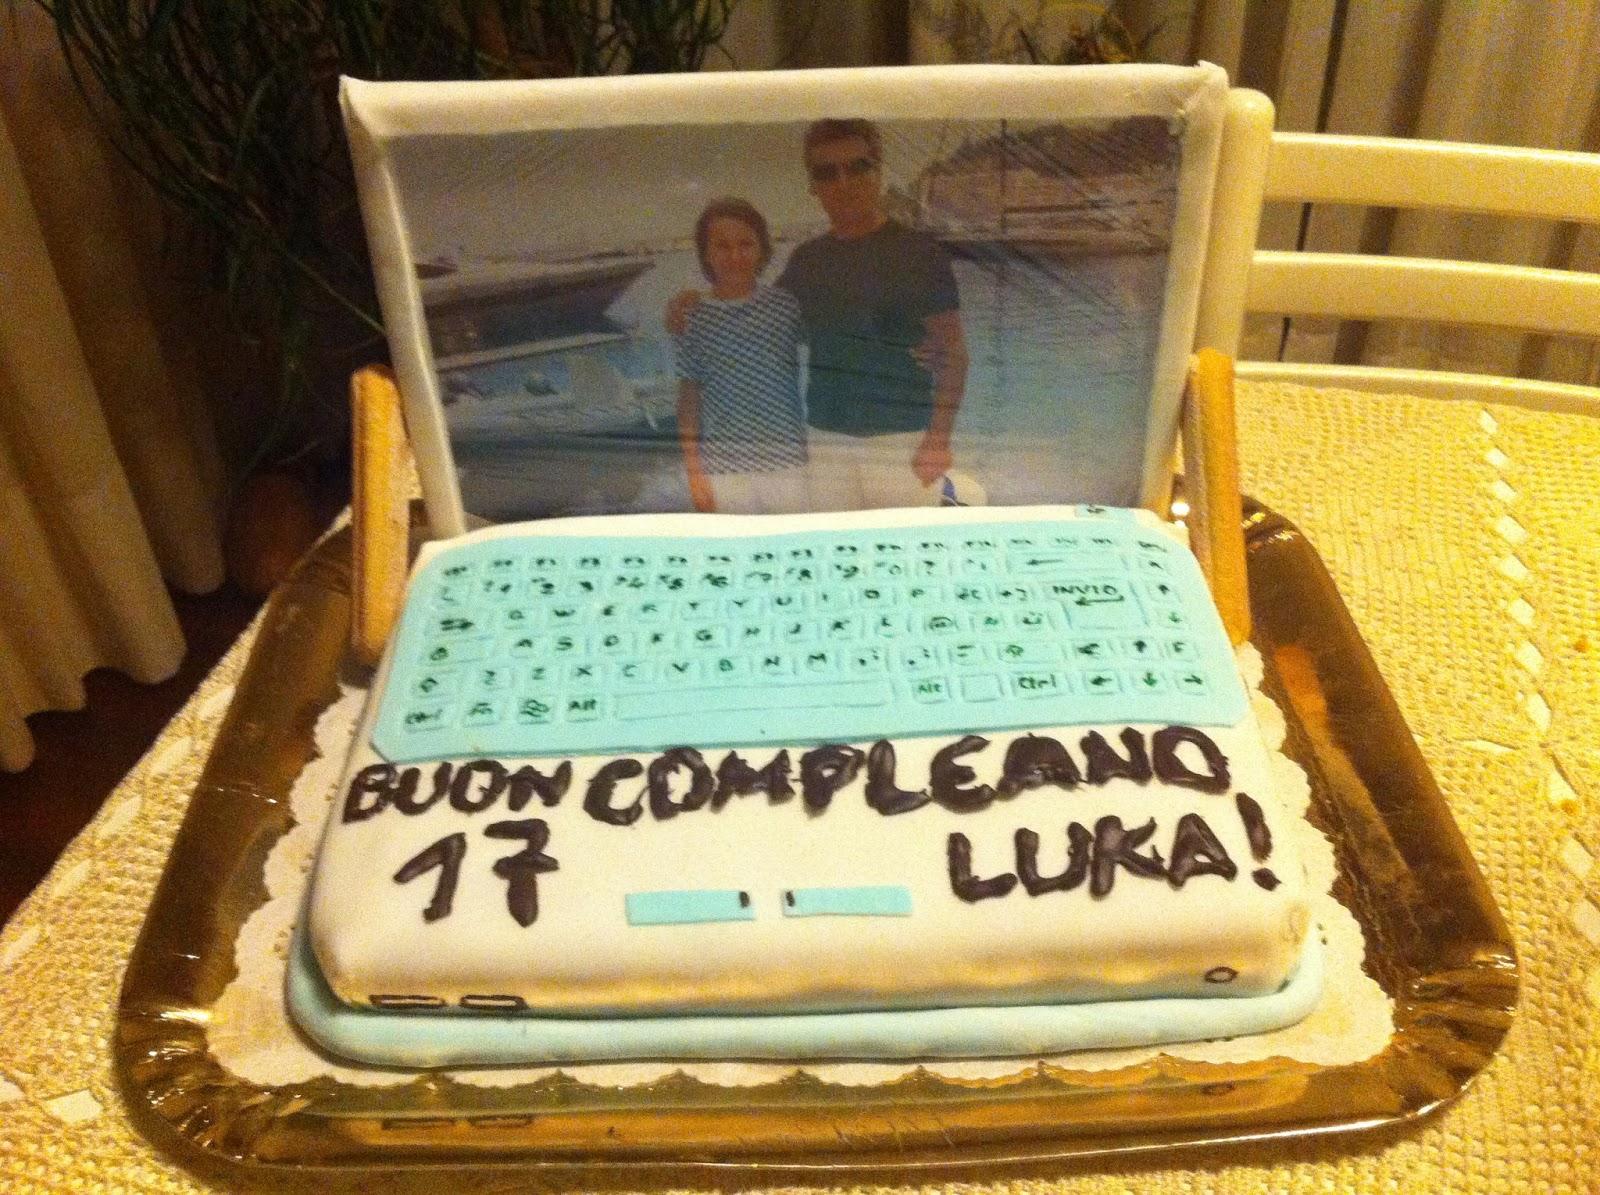 Torte compleanno ragazzo 15 anni domiva for Torte 18 anni ragazzo